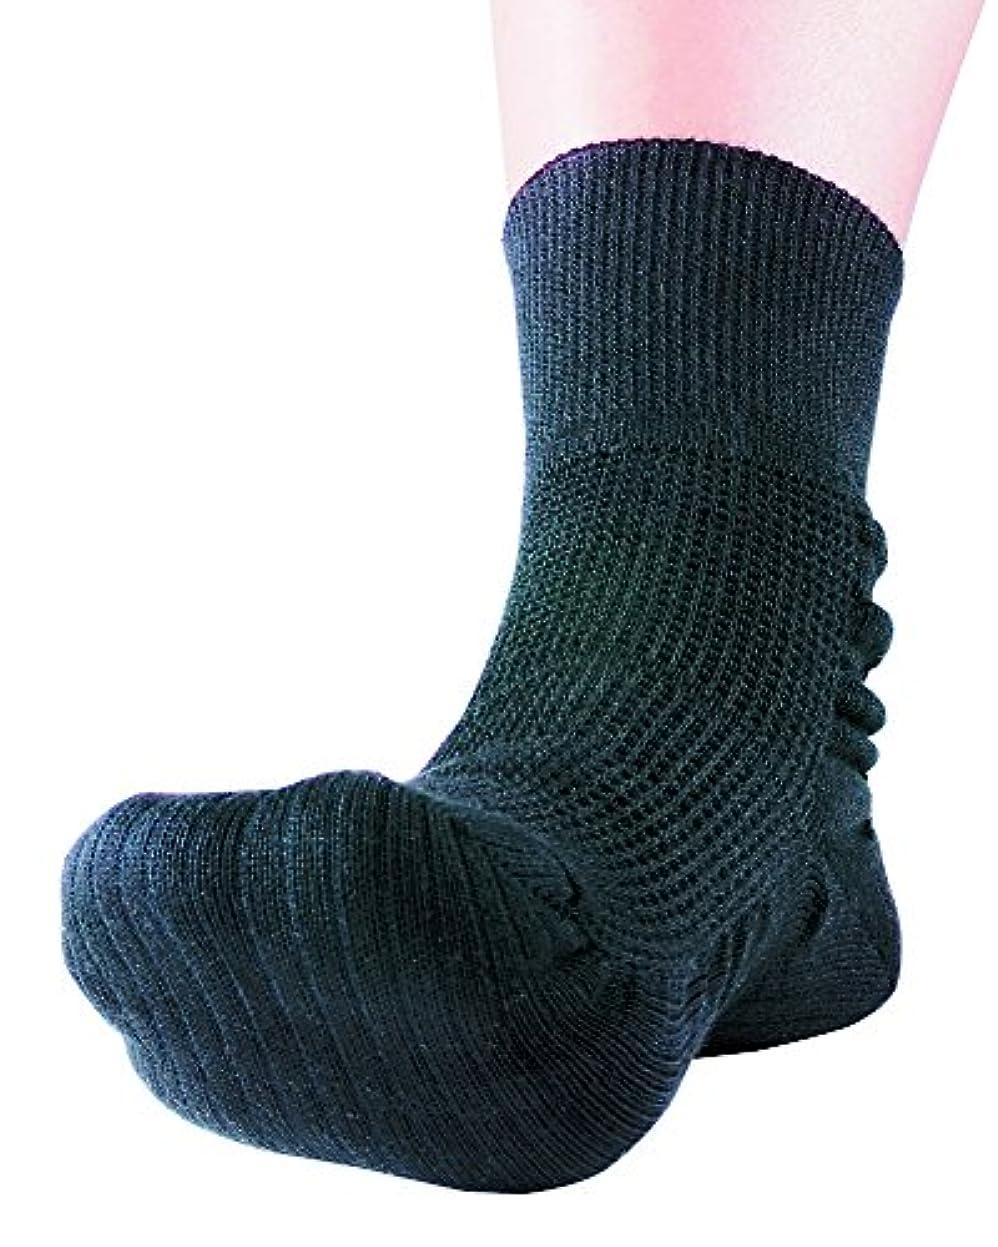 通信網理解するワードローブつま先上がり足裏健康靴下 Sブラック